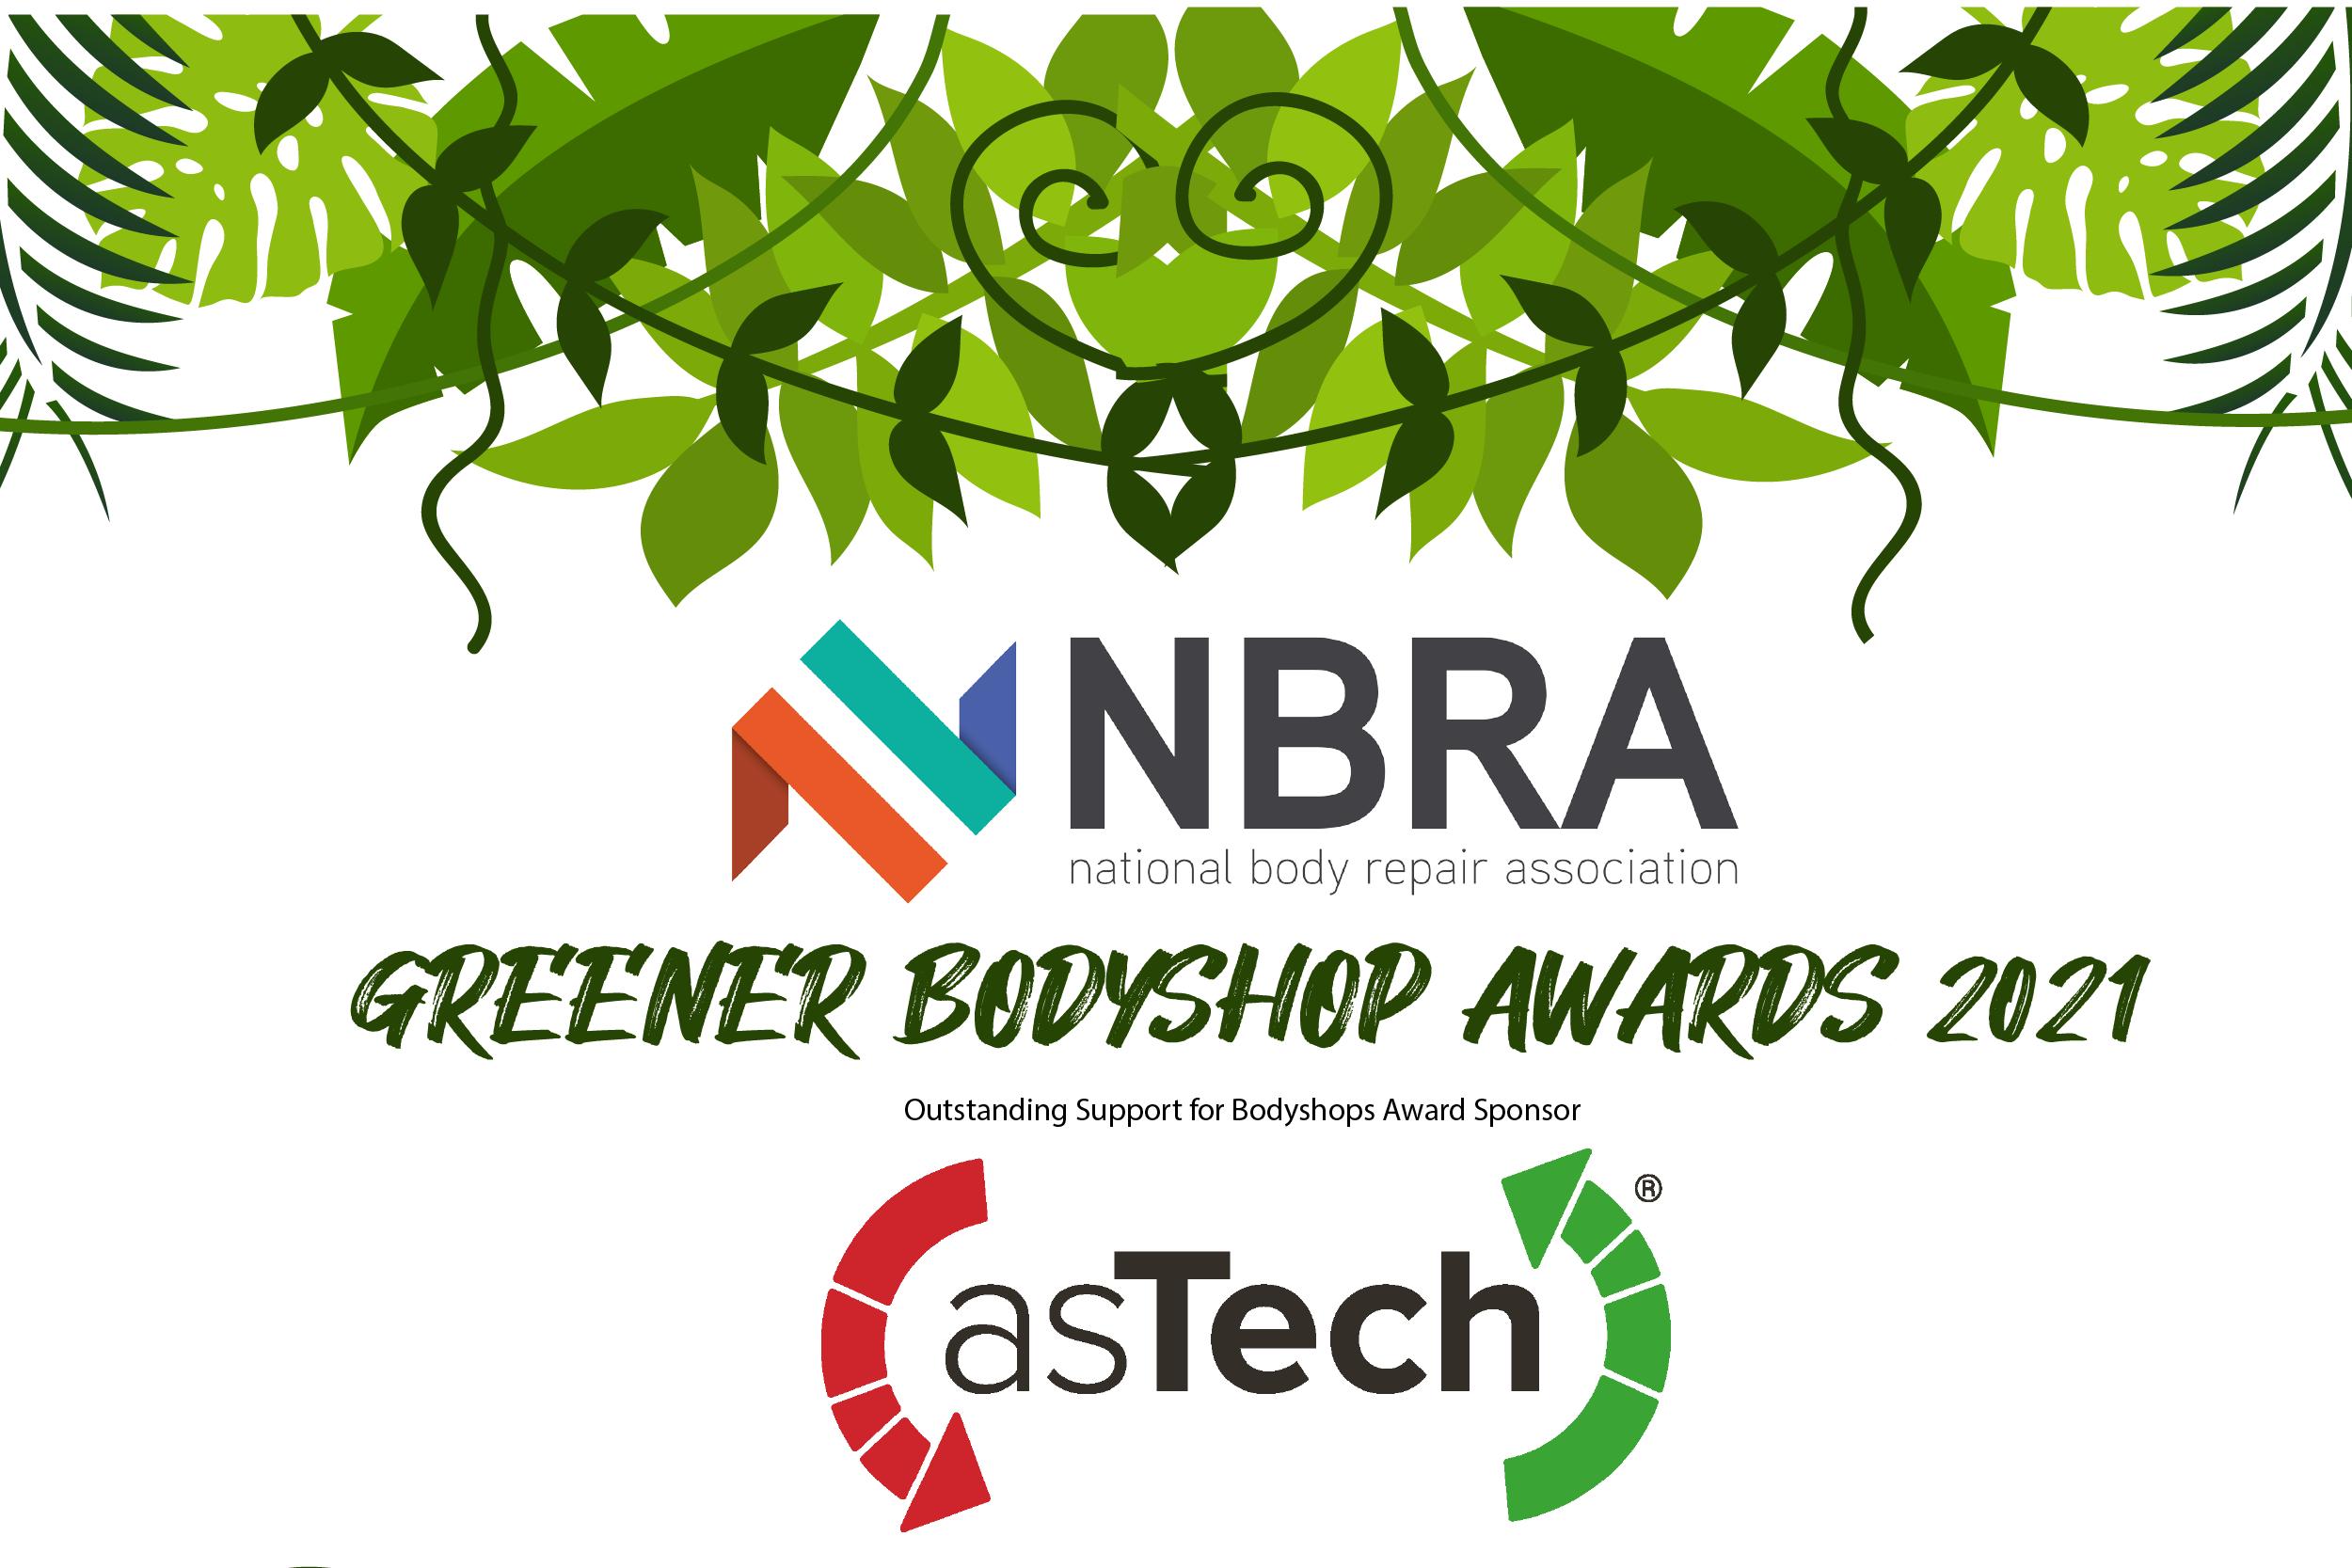 asTech to sponsor NBRA Greener Bodyshop Awards